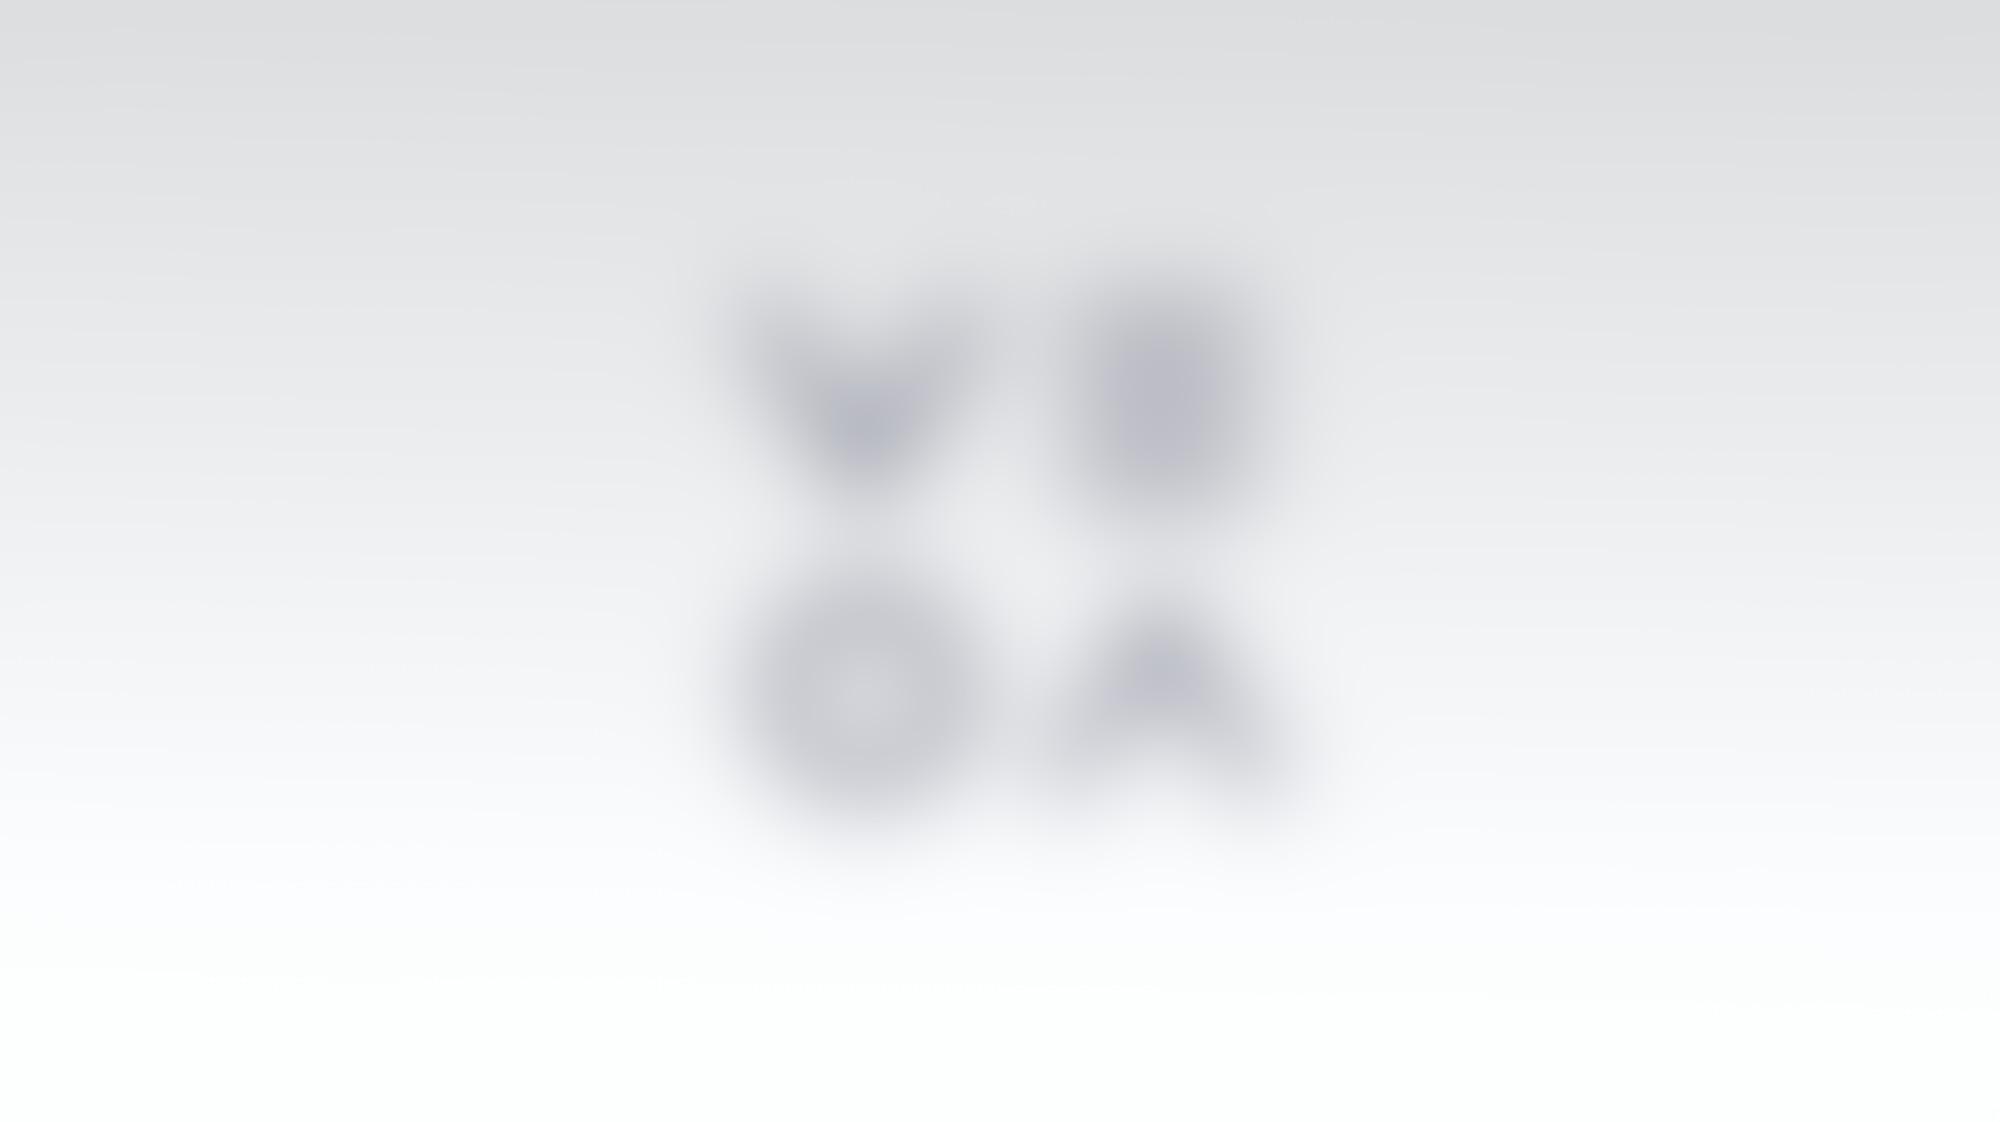 Veon 16 autocompressfitresizeixlibphp 1 1 0max h2000max w3 D2000q80s579d5d96bd0a9c685a0eddaa30c3c5ea